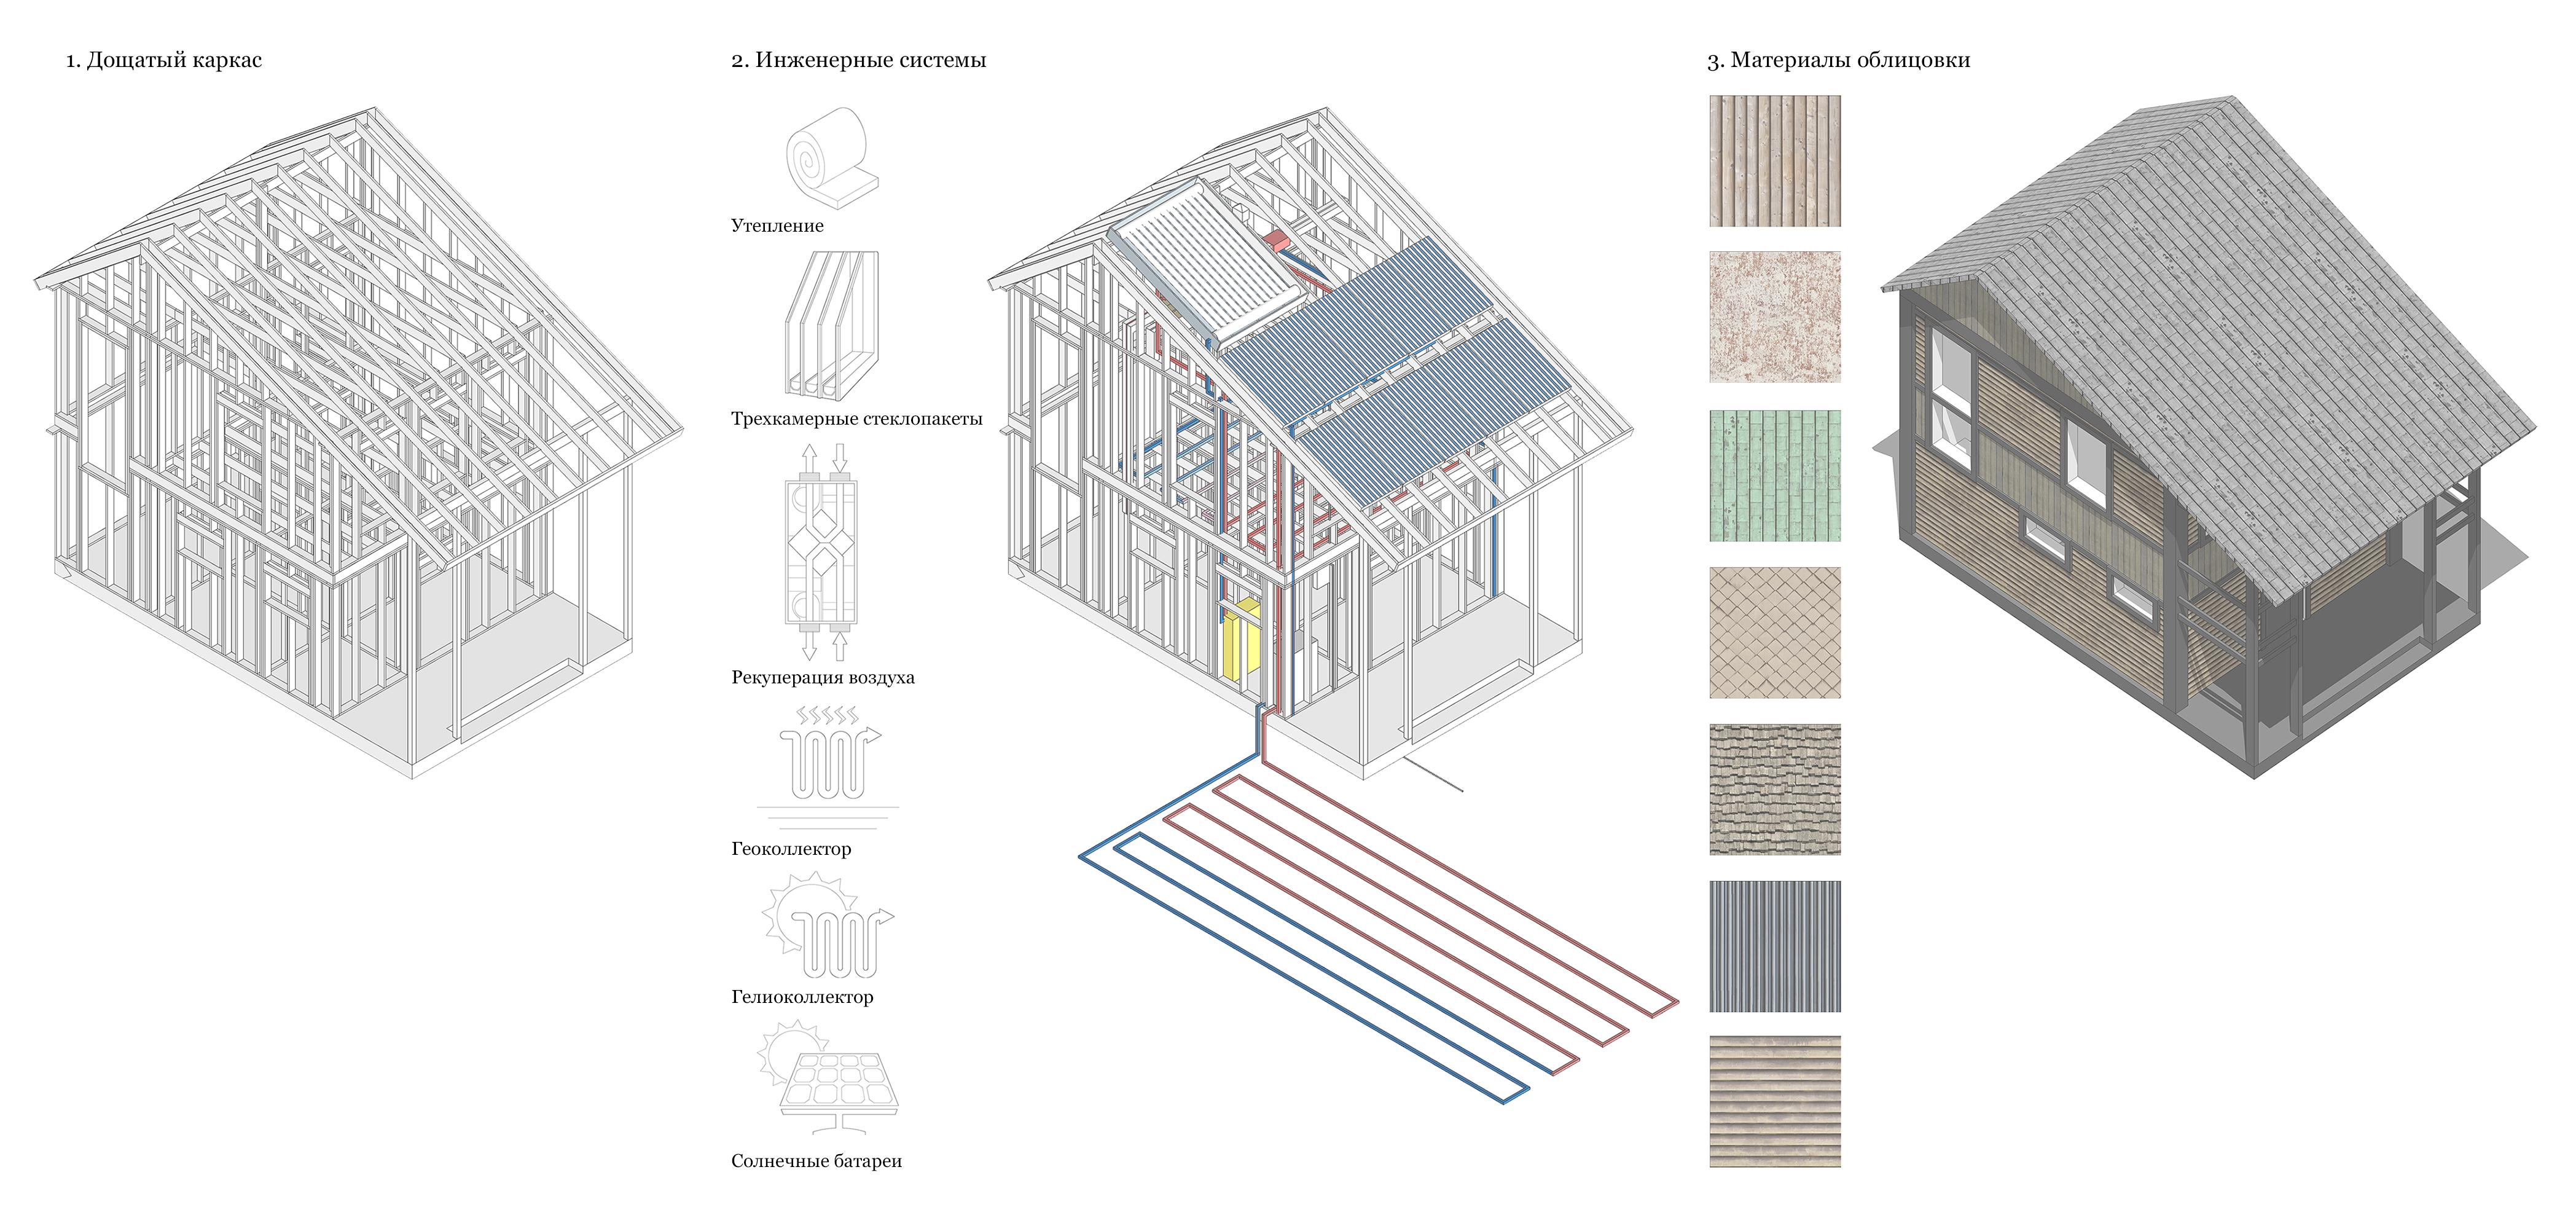 Жилой дом. Конструктивная, инженерная и строительная системы. Этапы превращения типового проекта в индивидуальный